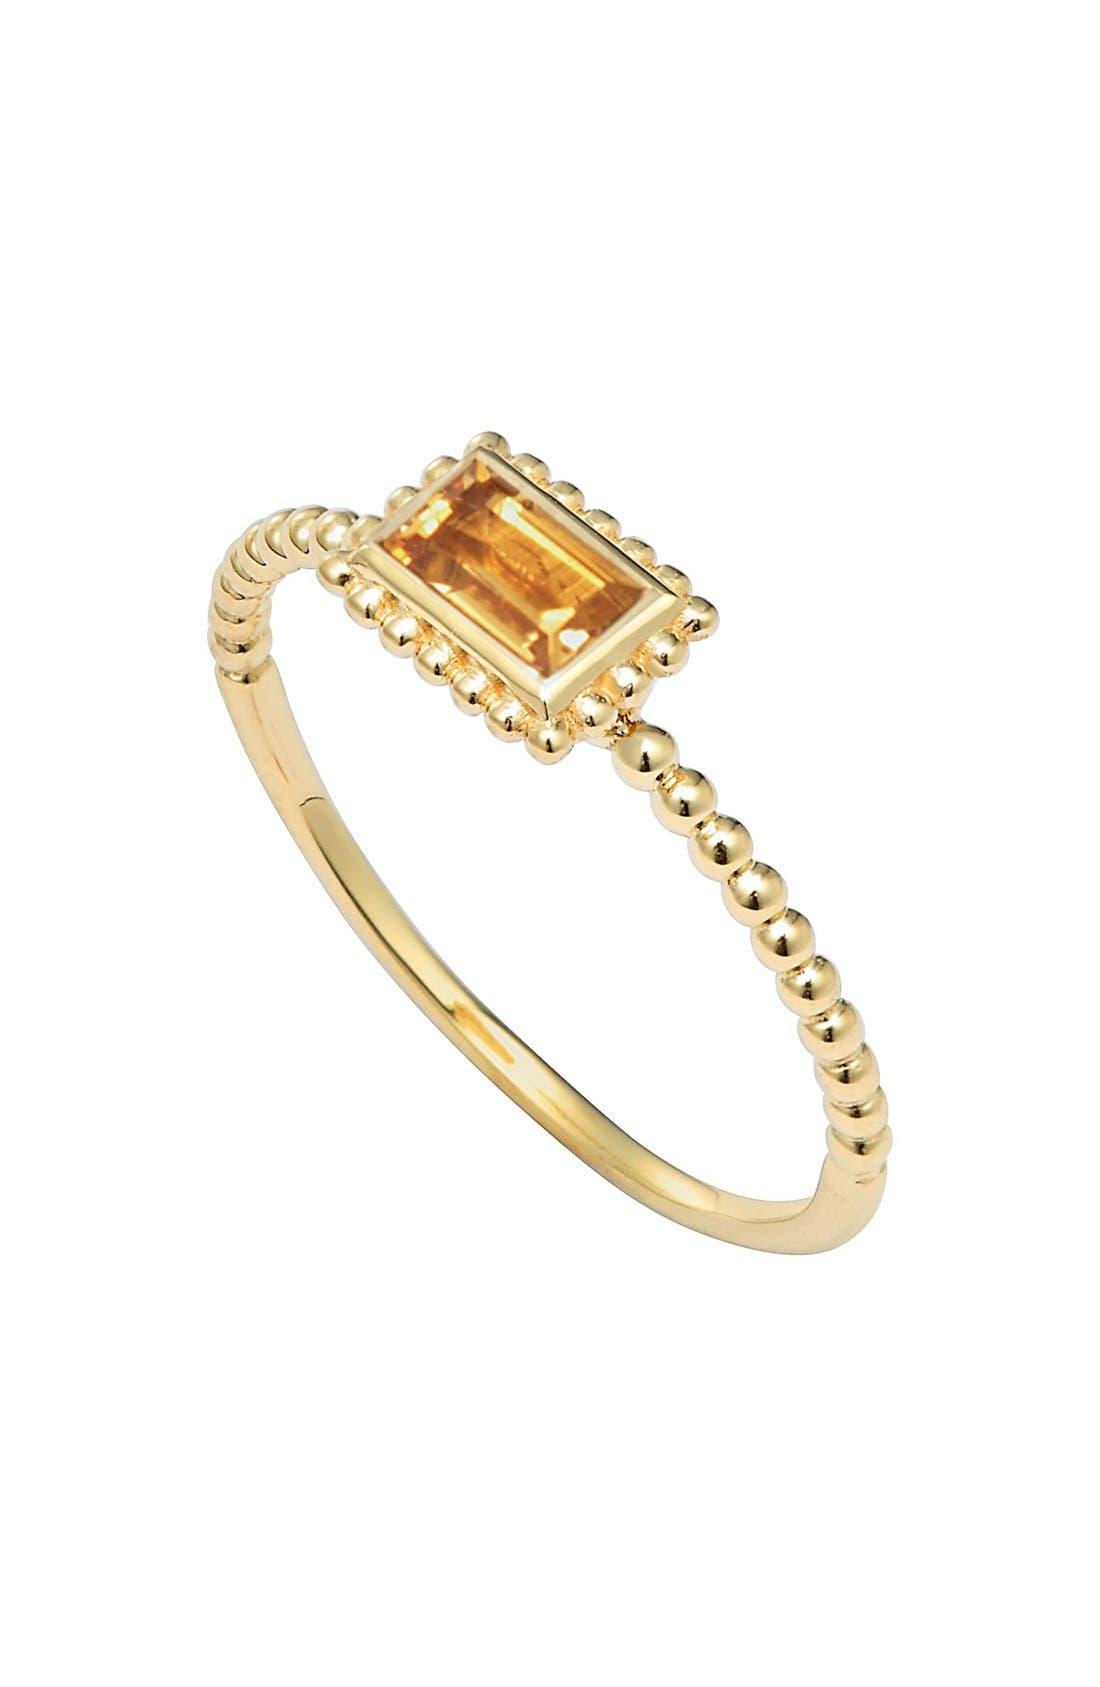 Main Image - LAGOS 'Covet' Baguette Stone Caviar Stack Ring